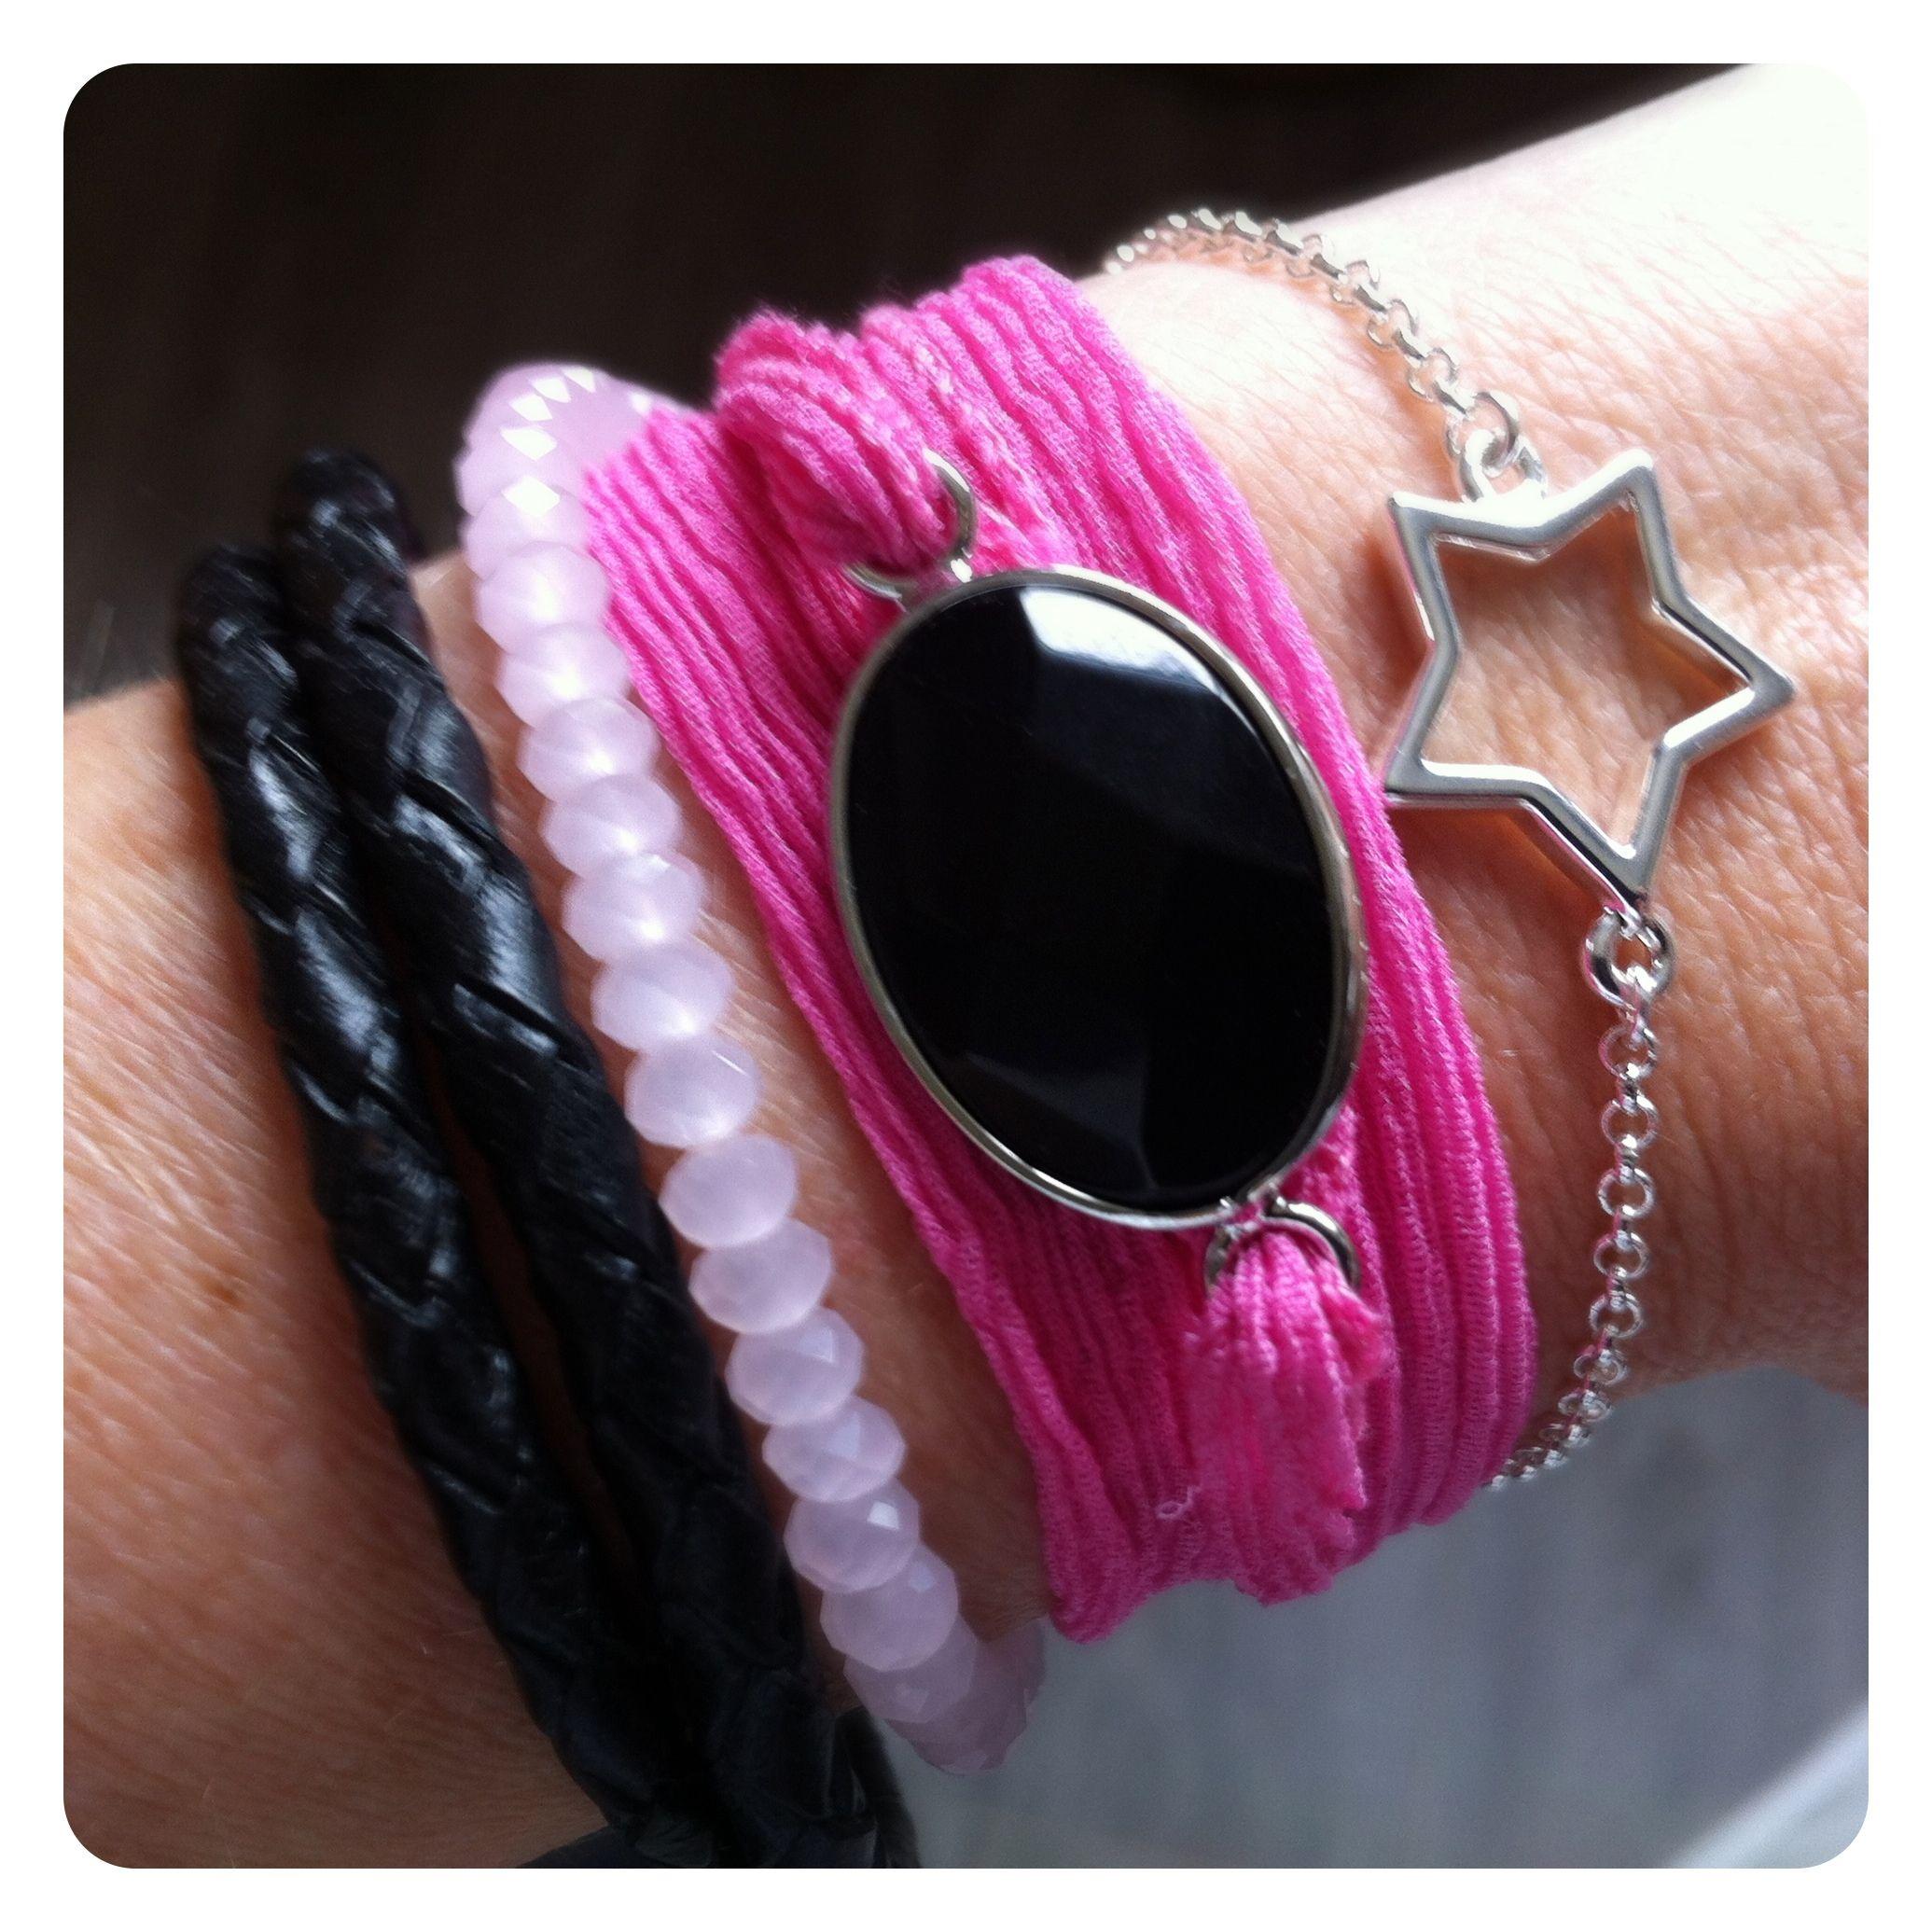 Inspiratie zijde armband... Leuk te combineren met je andere armbandjes http://www.nellastyling.nl/c-1183154/armbanden/